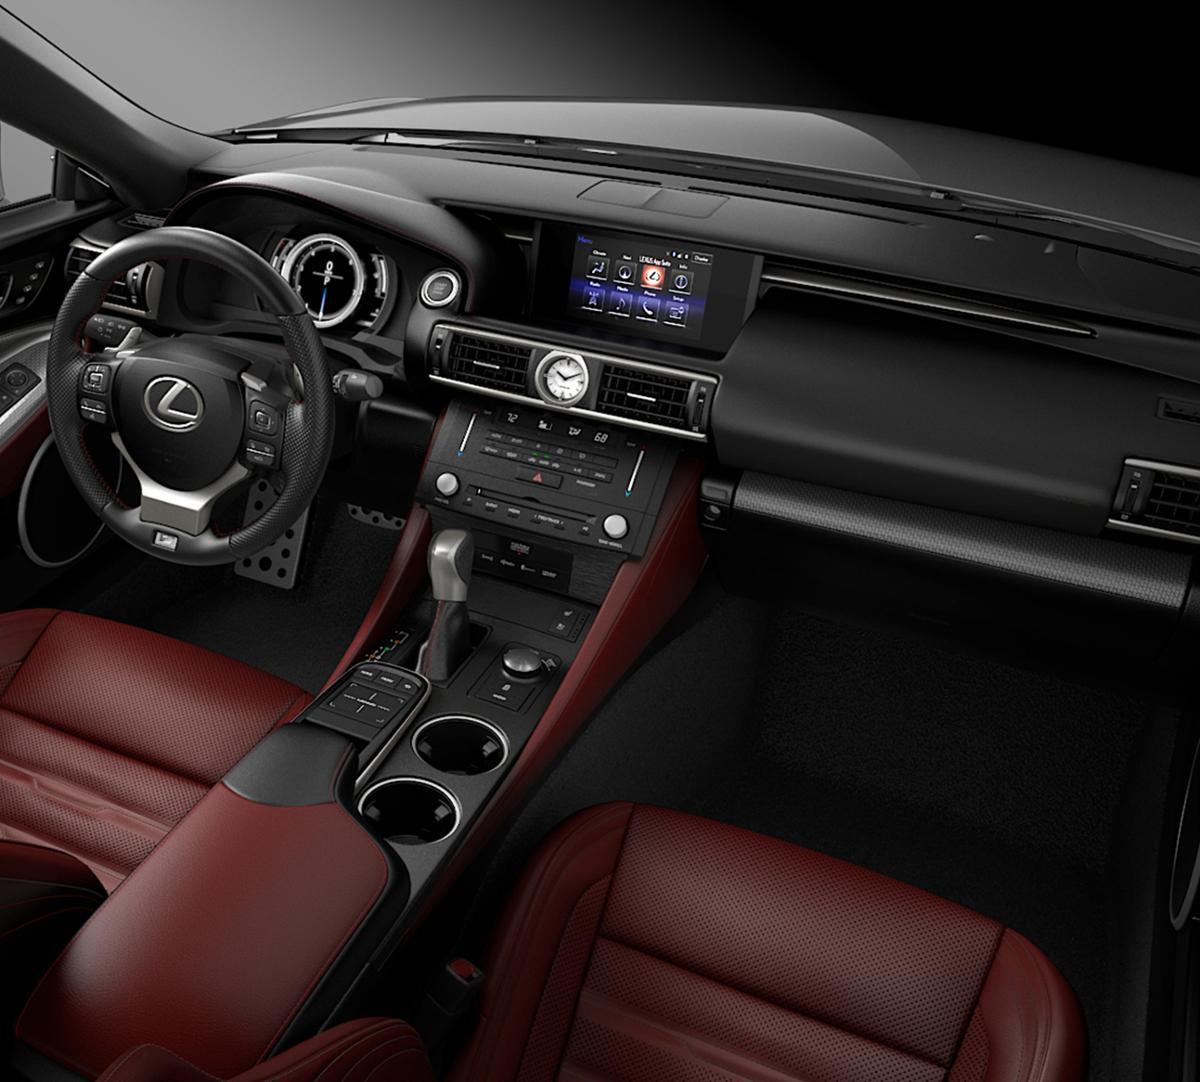 1993 Lexus Sc Interior: Columbia Silver Lining Metallic 2017 Lexus RC 350: New Car